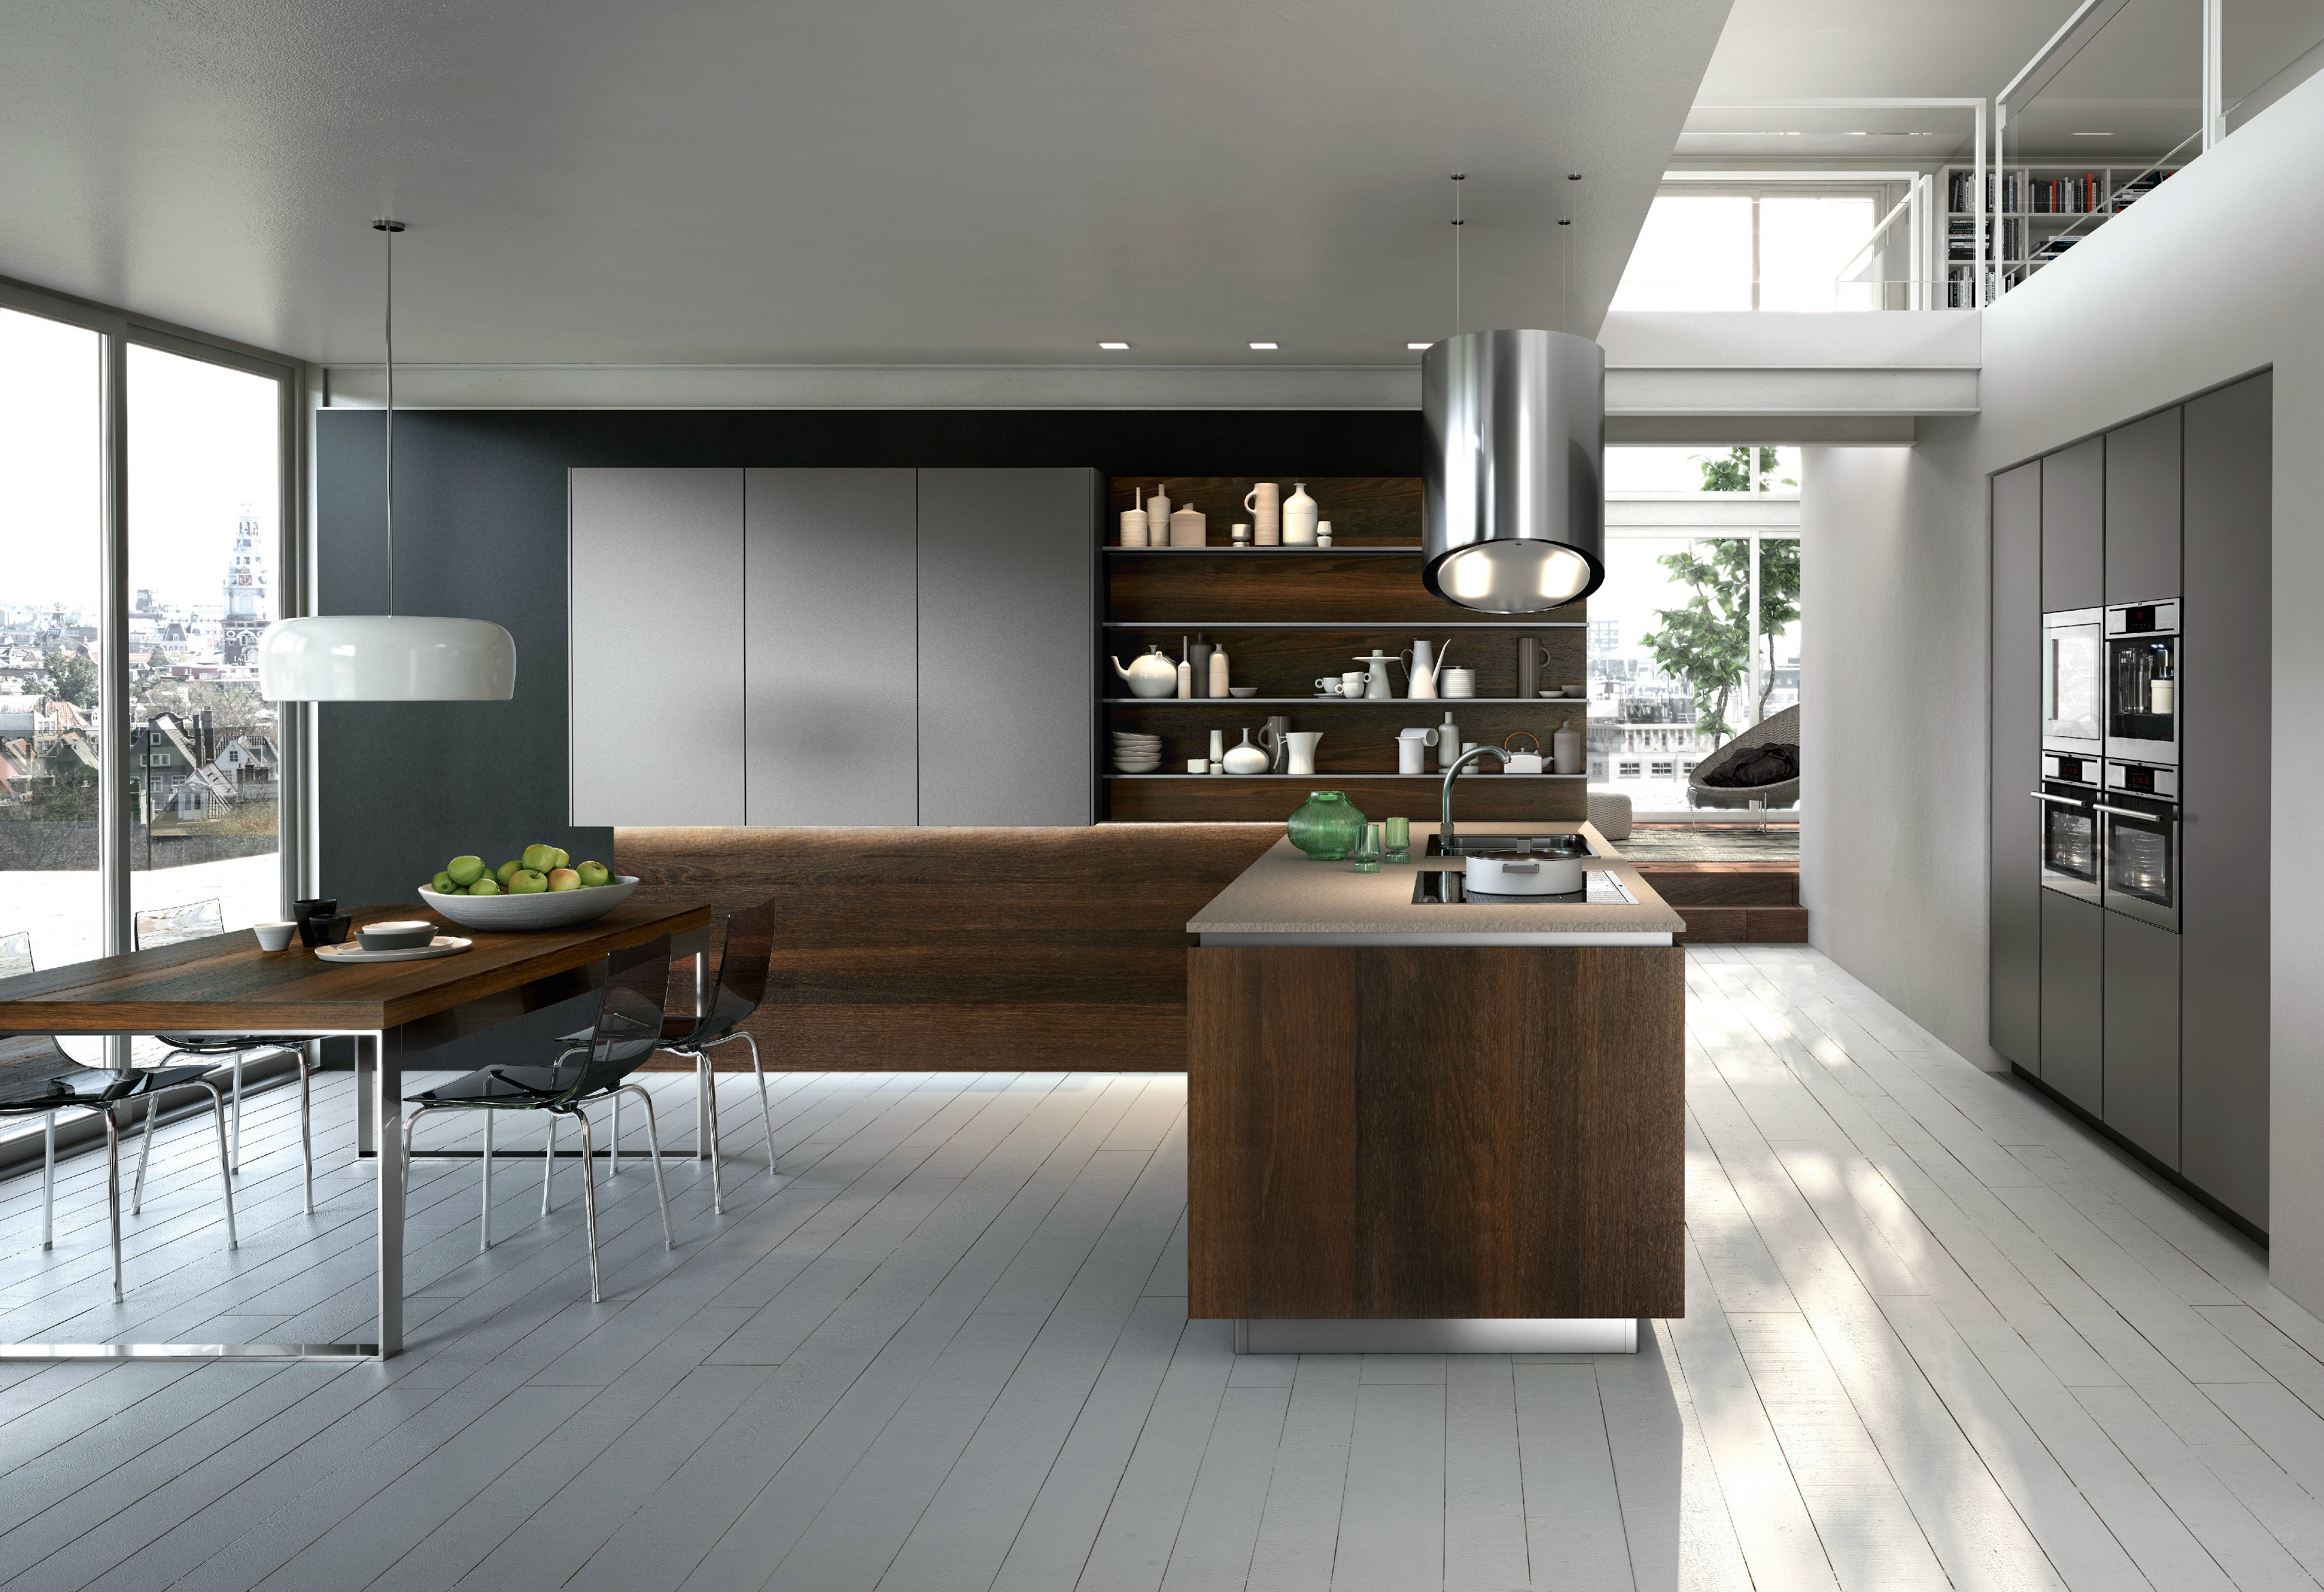 inselhaube mit bipolarer kontrollierter ionisierung way by. Black Bedroom Furniture Sets. Home Design Ideas